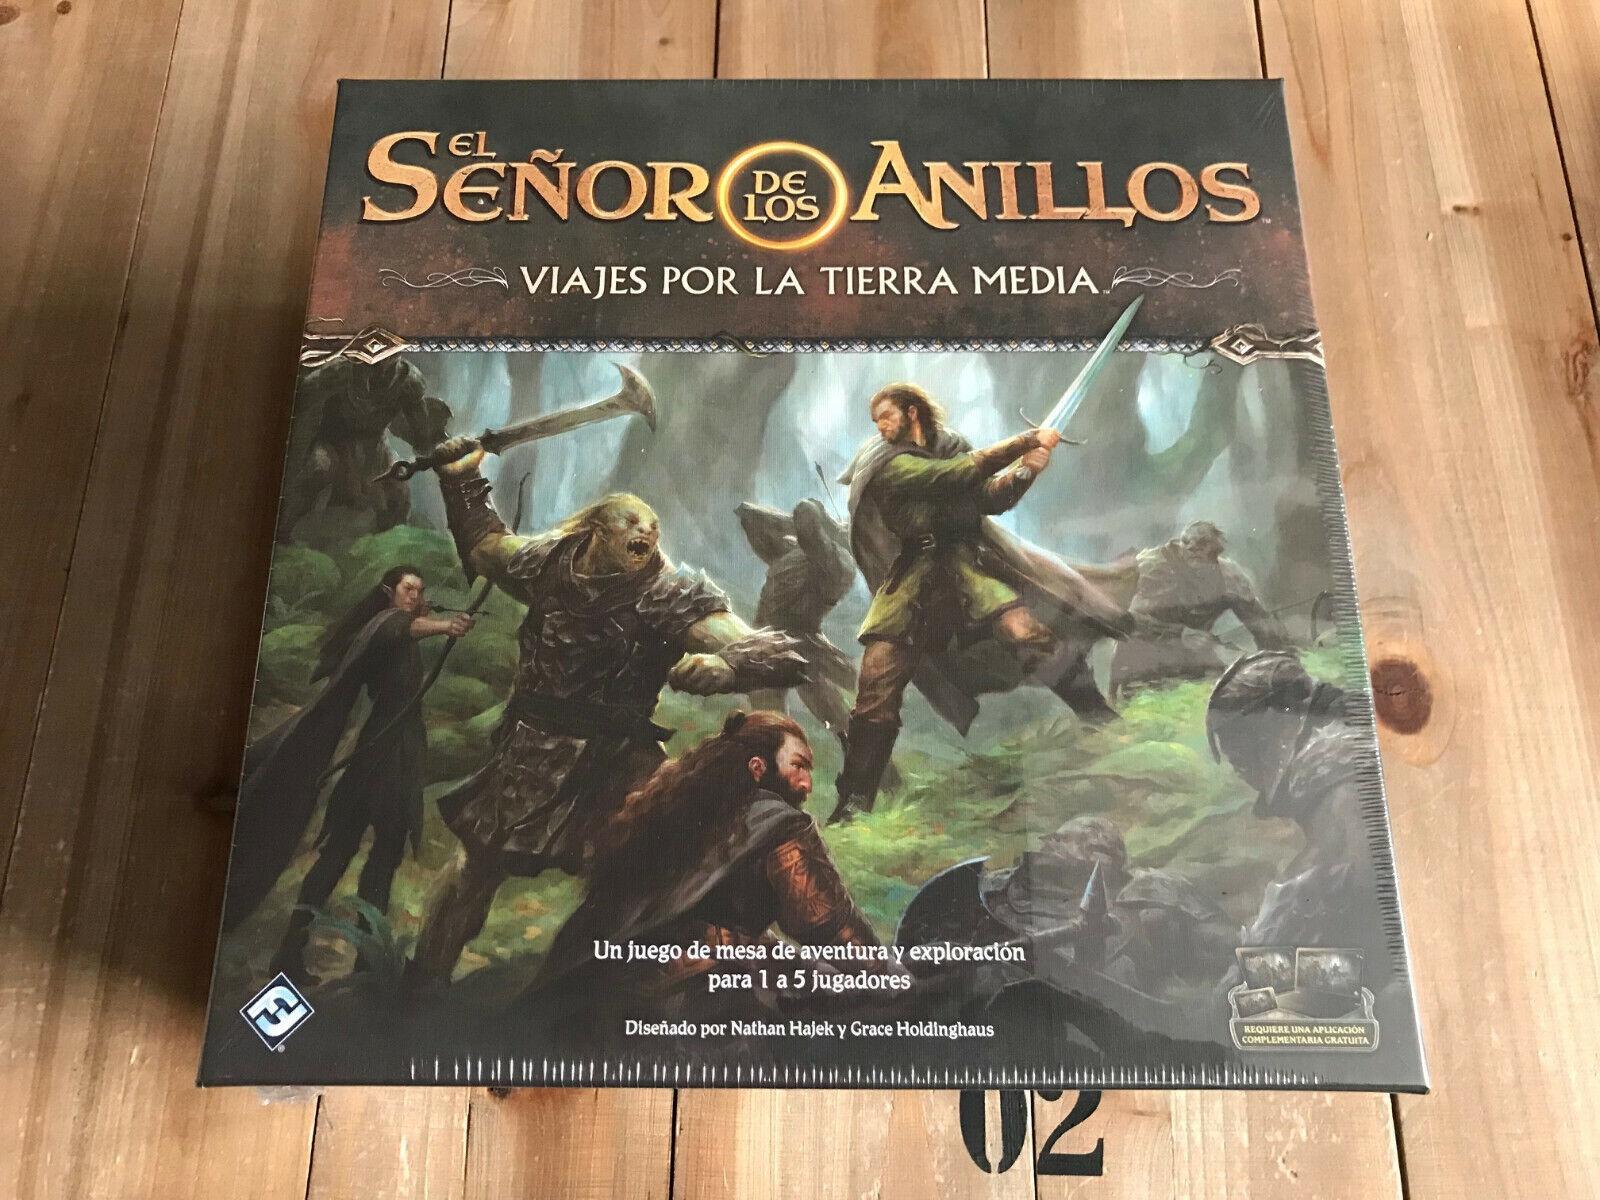 El Señor de los Anillos - Viajes por la Tierra Media - FFG - Ed. Española